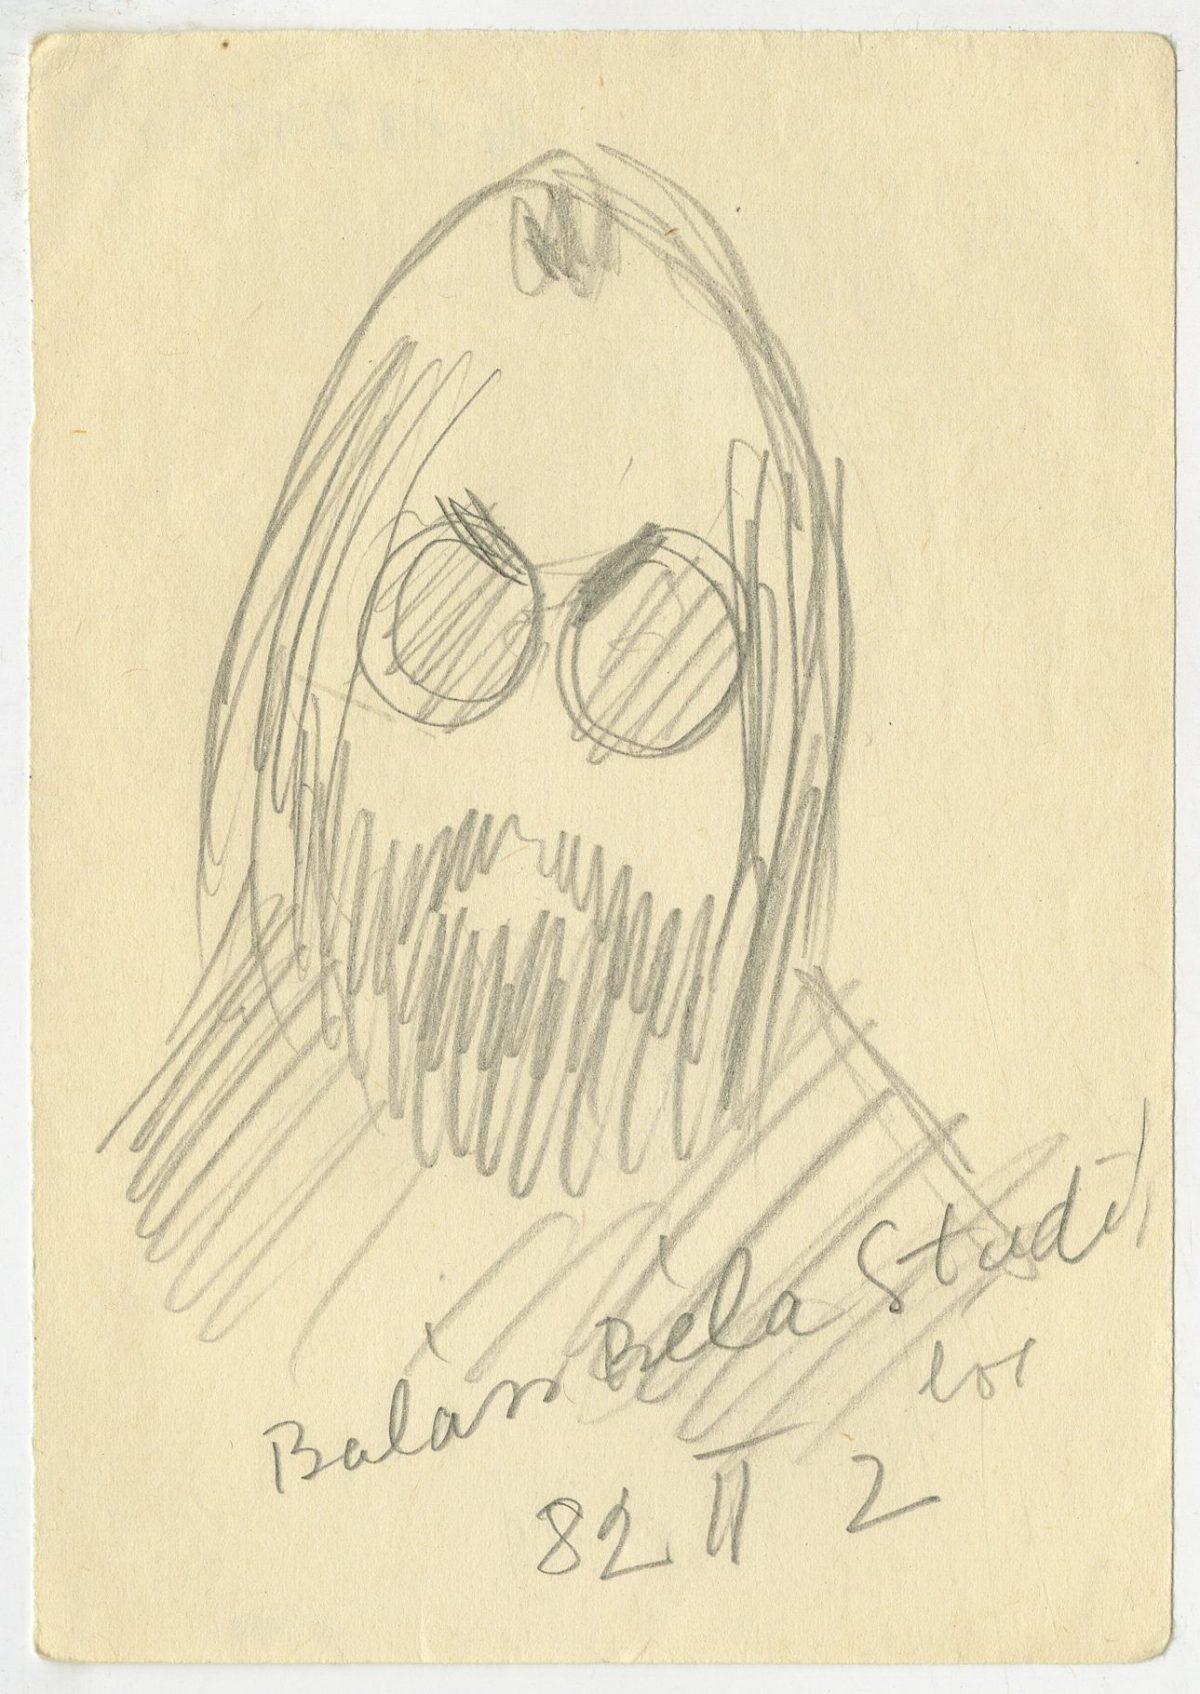 G41249(134)<br/> <b>Cím:</b> Balázs Béla … <br/> <b>Méret cm:</b> 14,9x10,4 <br/> <b>Készült:</b> 1982. <br/> <b>Technika:</b> ceruza<br/>